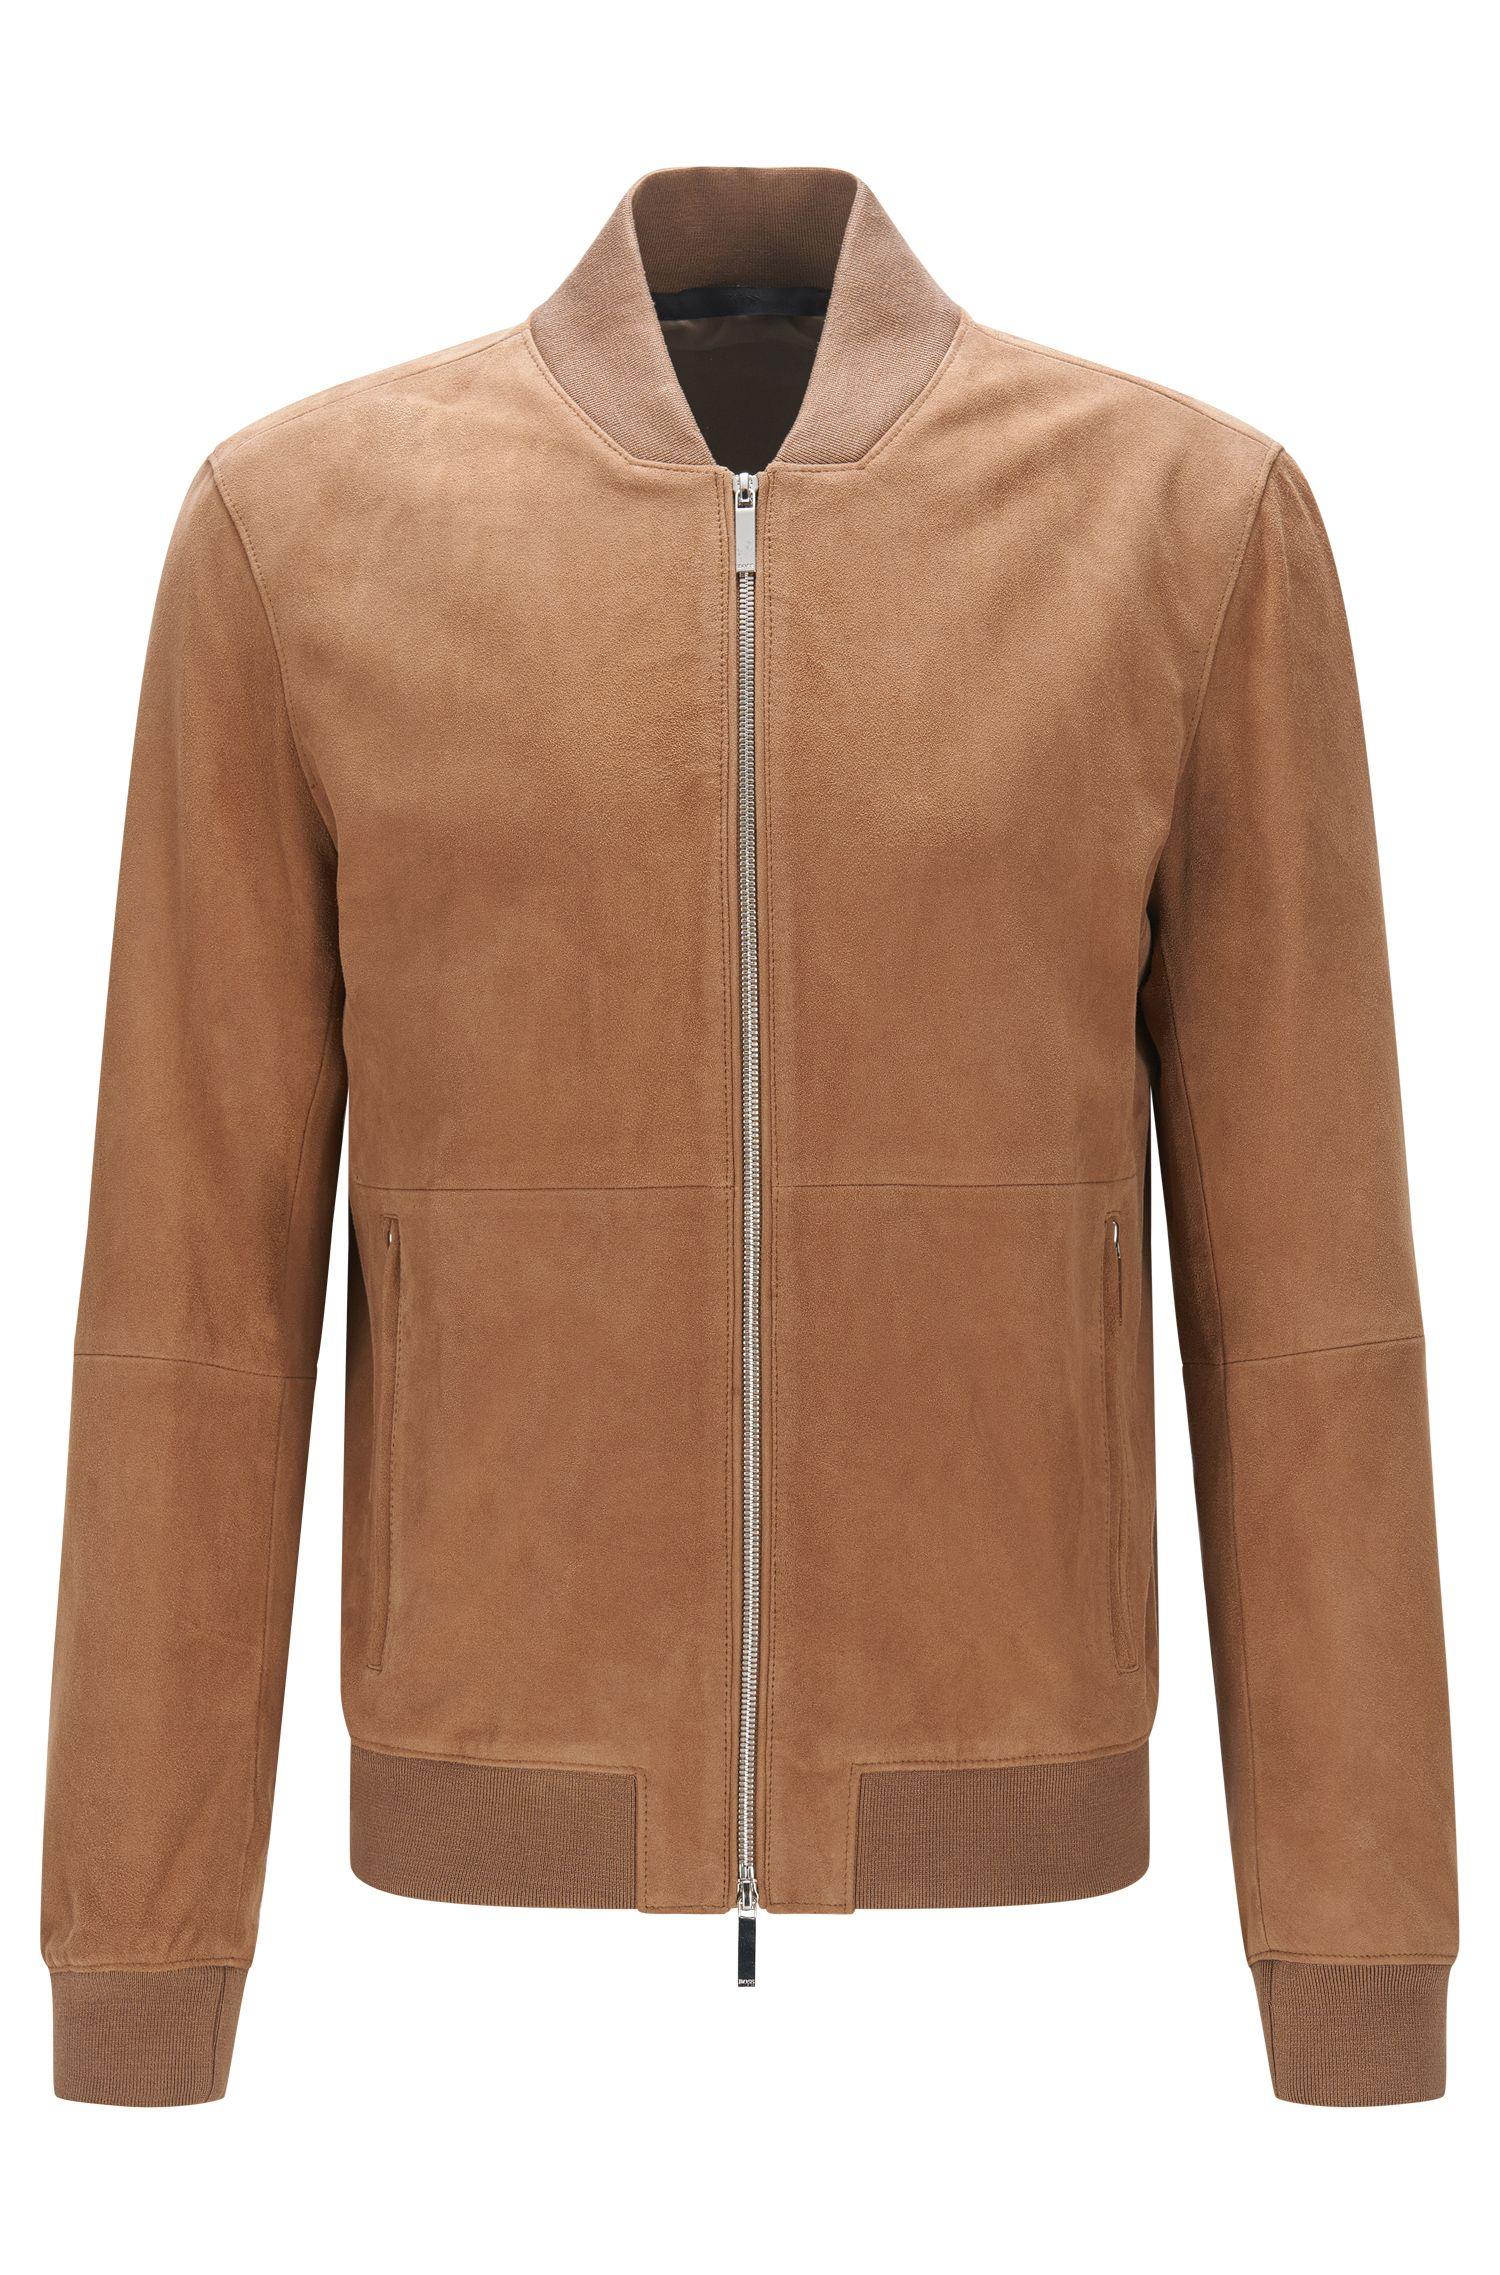 'Alfondo WS' | Regular Fit, Suede Jacket